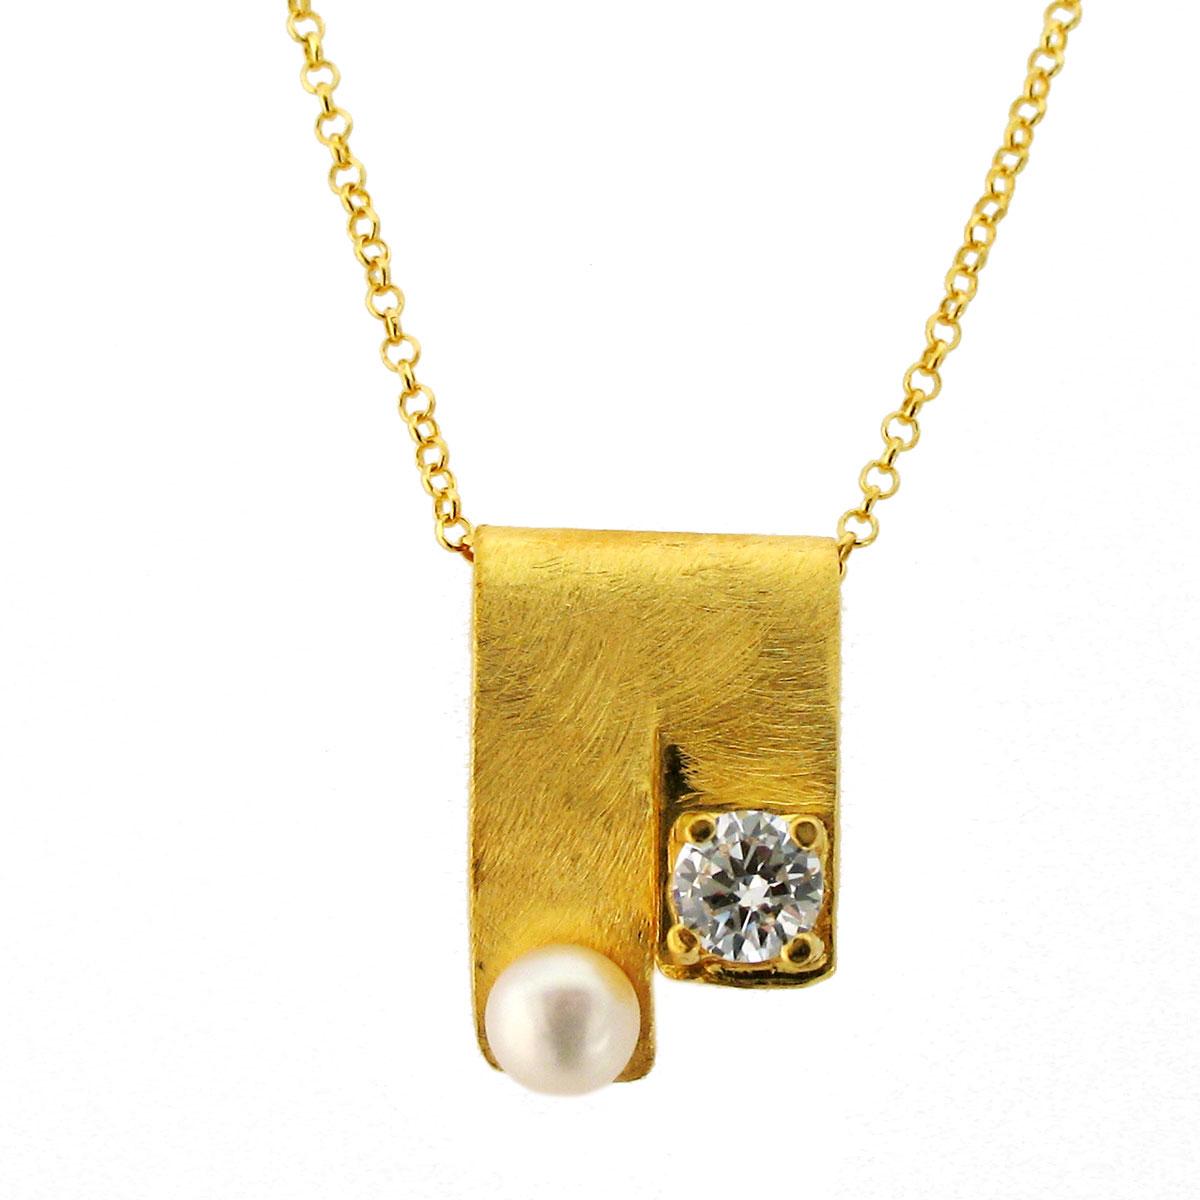 Χειροποίητο κολιέ από επιχρυσωμένο ασήμι 925ο με ημιπολύτιμες πέτρες  (Πέρλες και Ζιργκόν).  IJ-040024  b31399f01a0